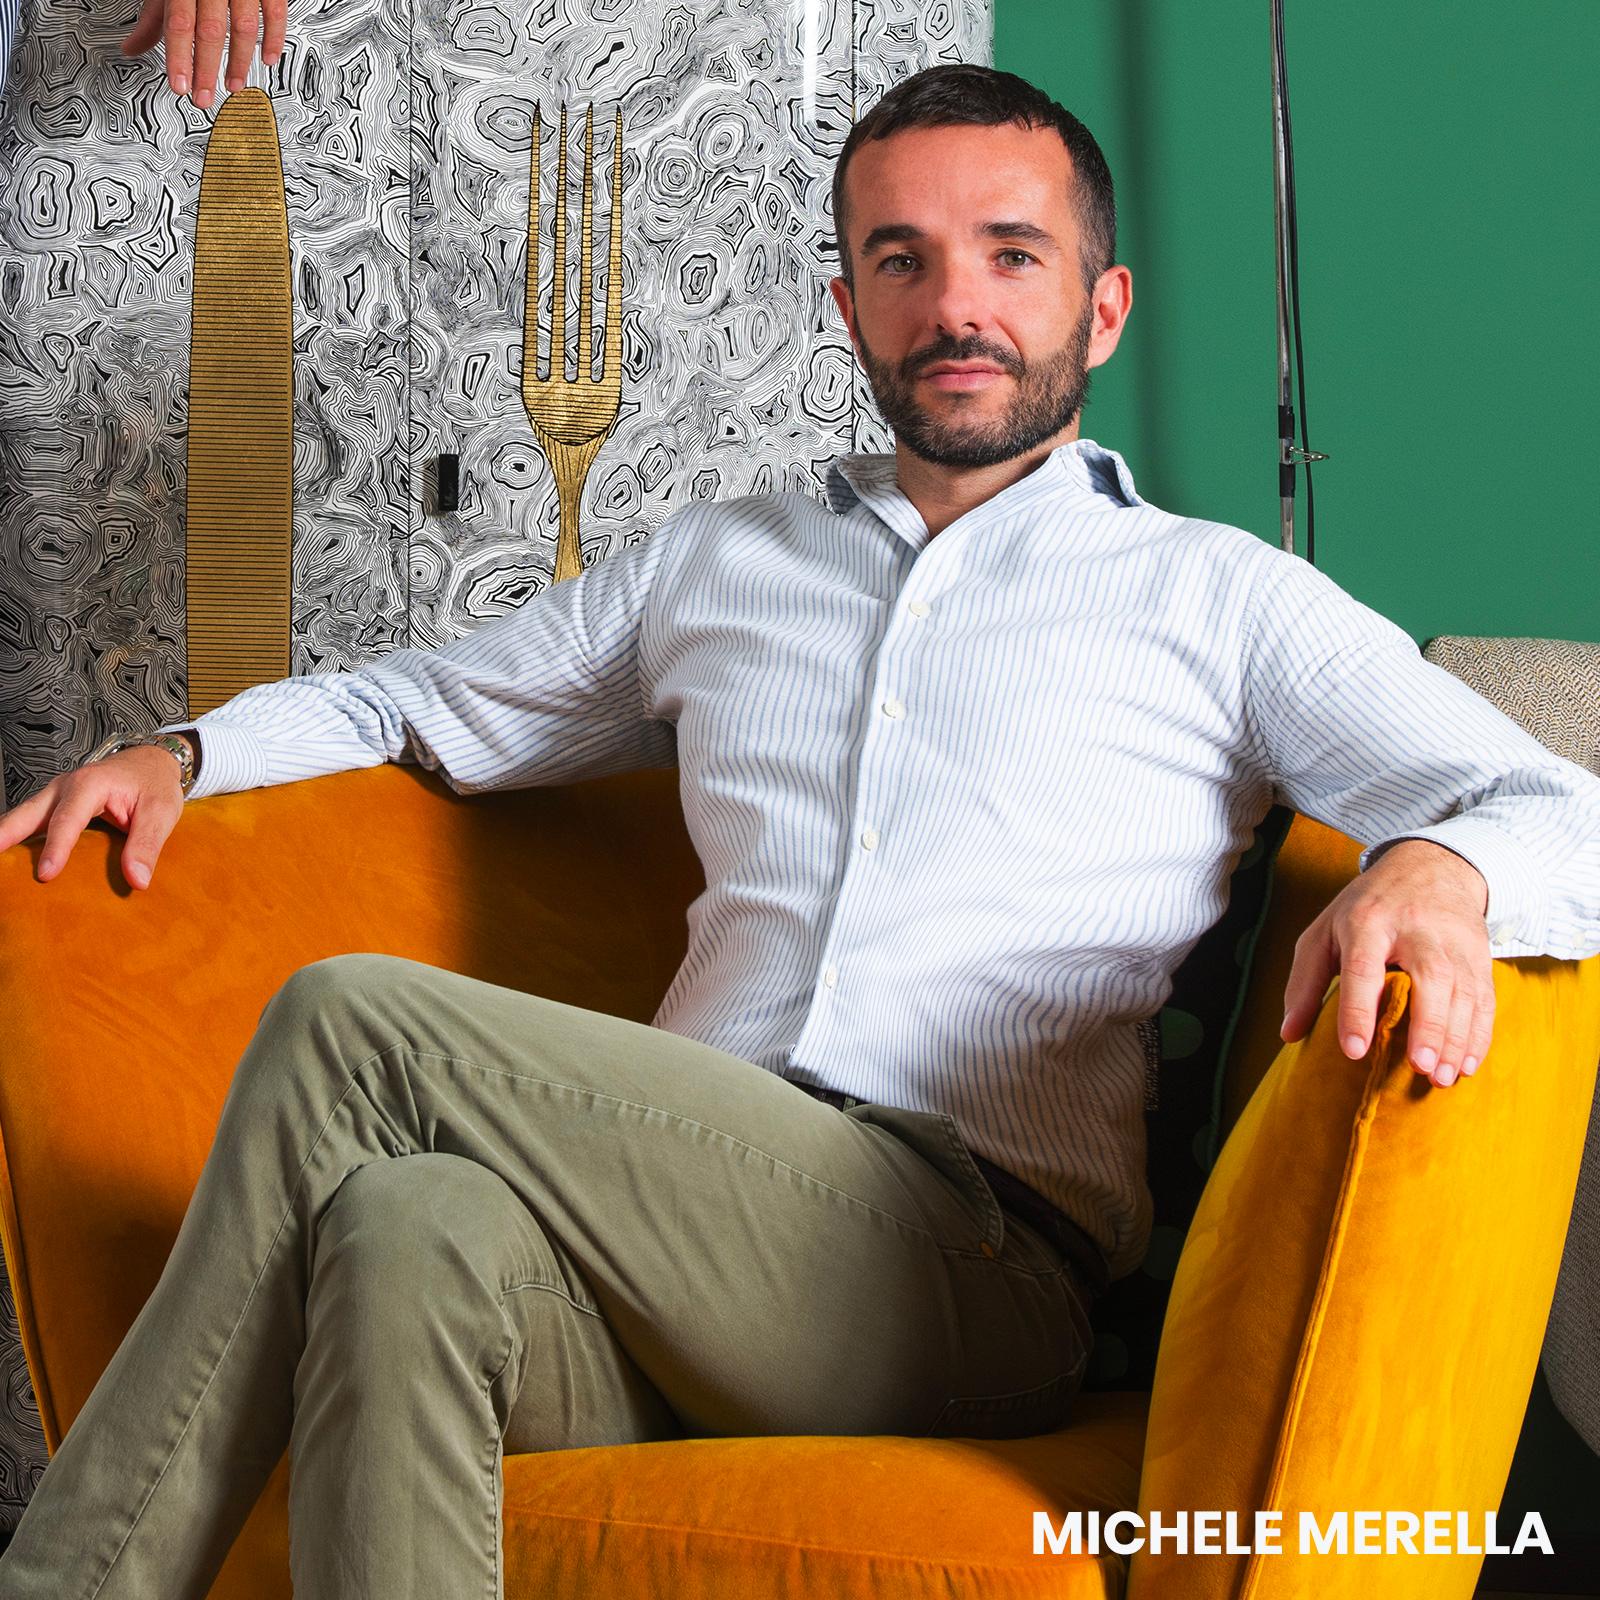 michele-merella